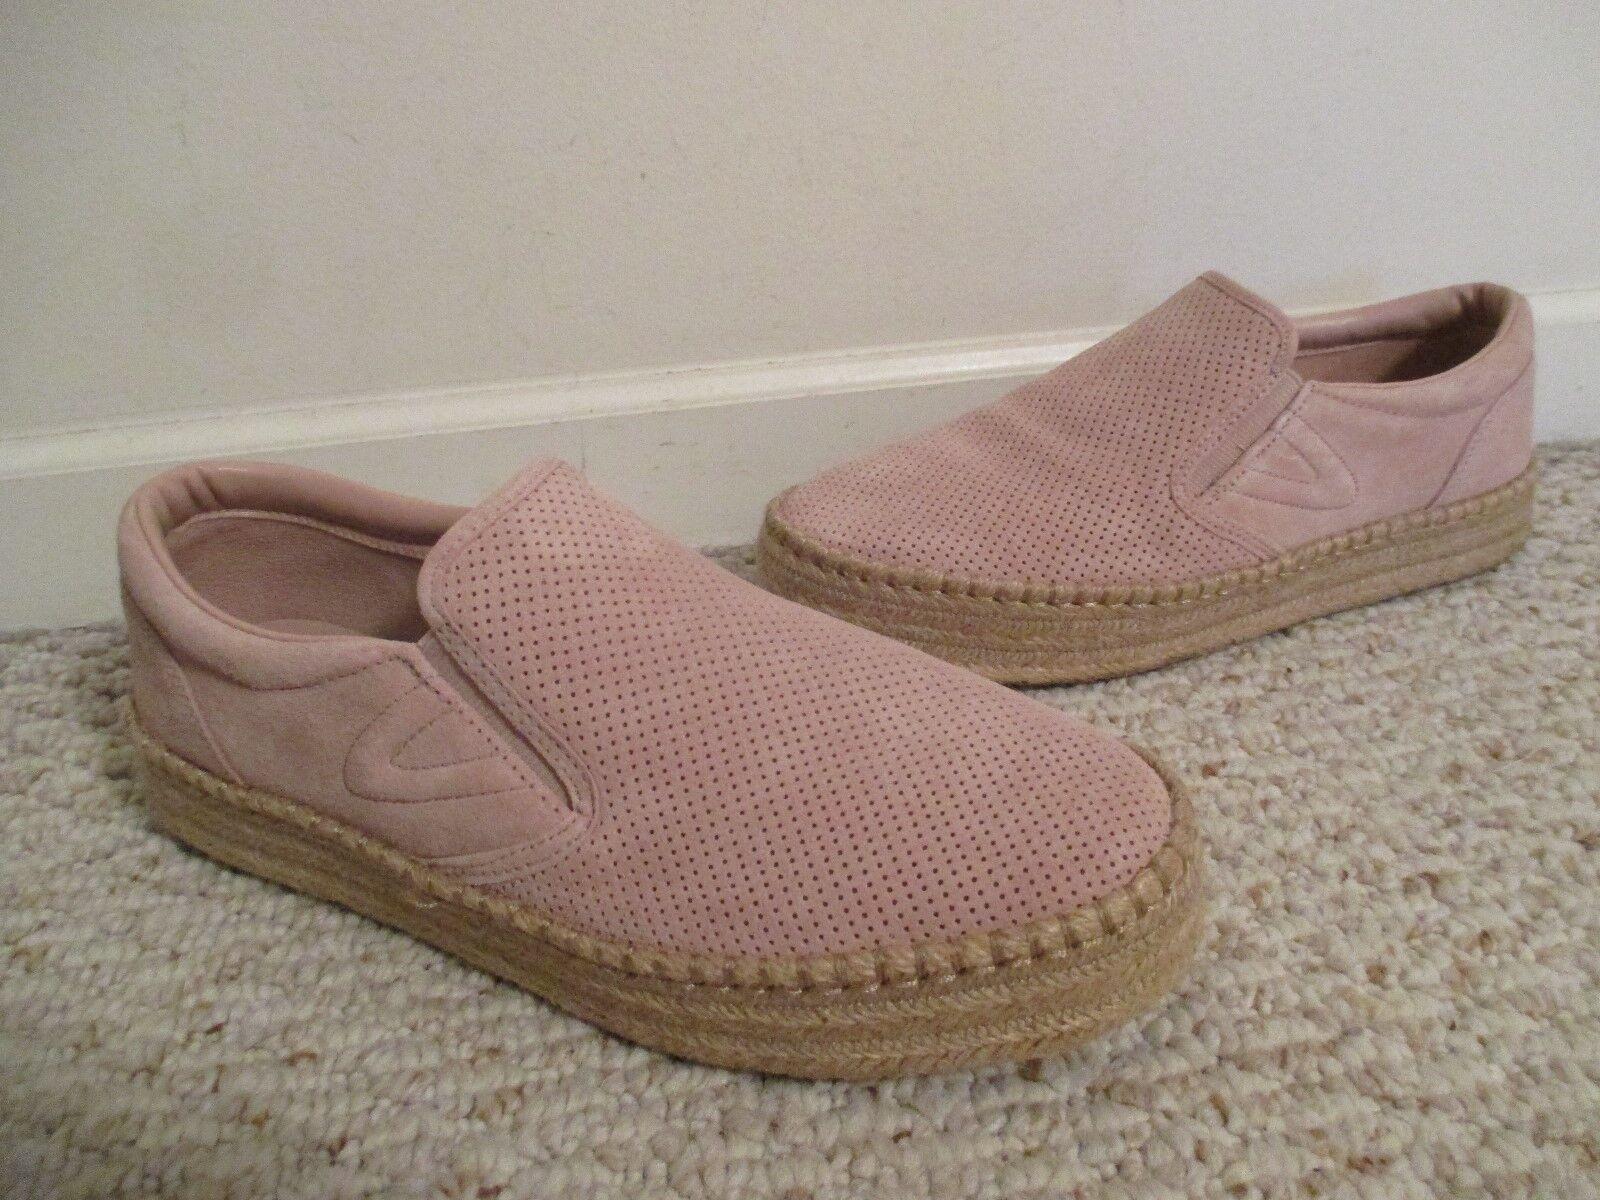 Tretorn Emilia Espadrille Pink Blush Schuhes Größe 9.5  NEW